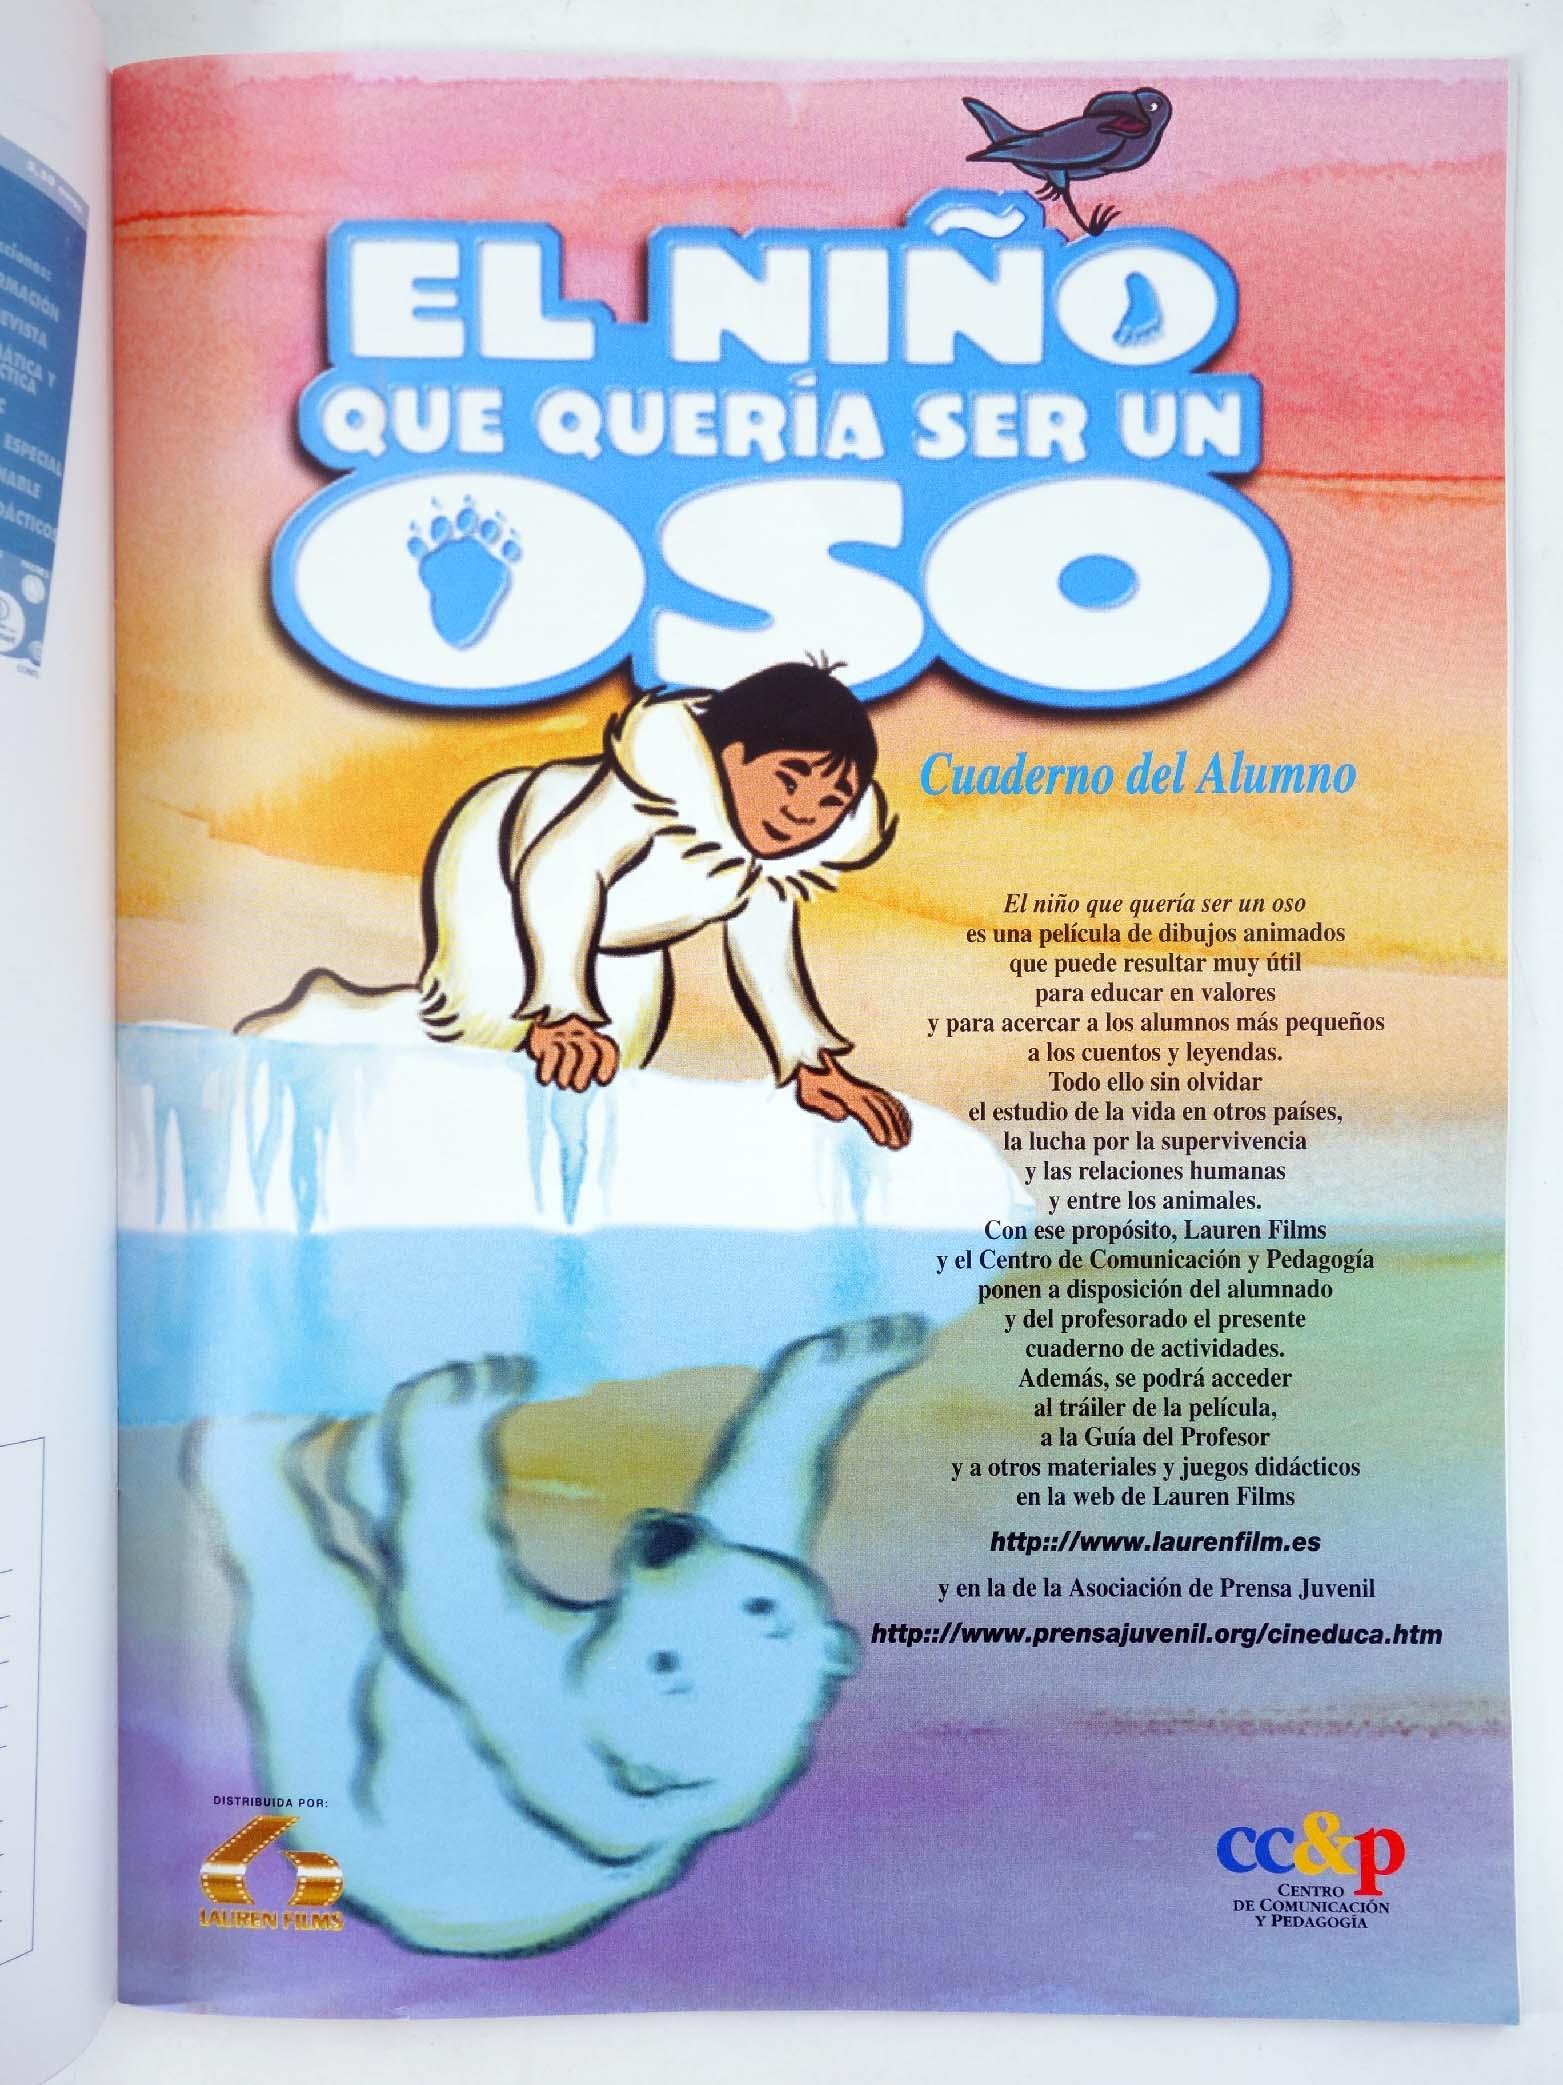 REVISTA MAKING OF, CUADERNOS DE CINE Y EDUCACIÓN 28. Especial Cine Formativo